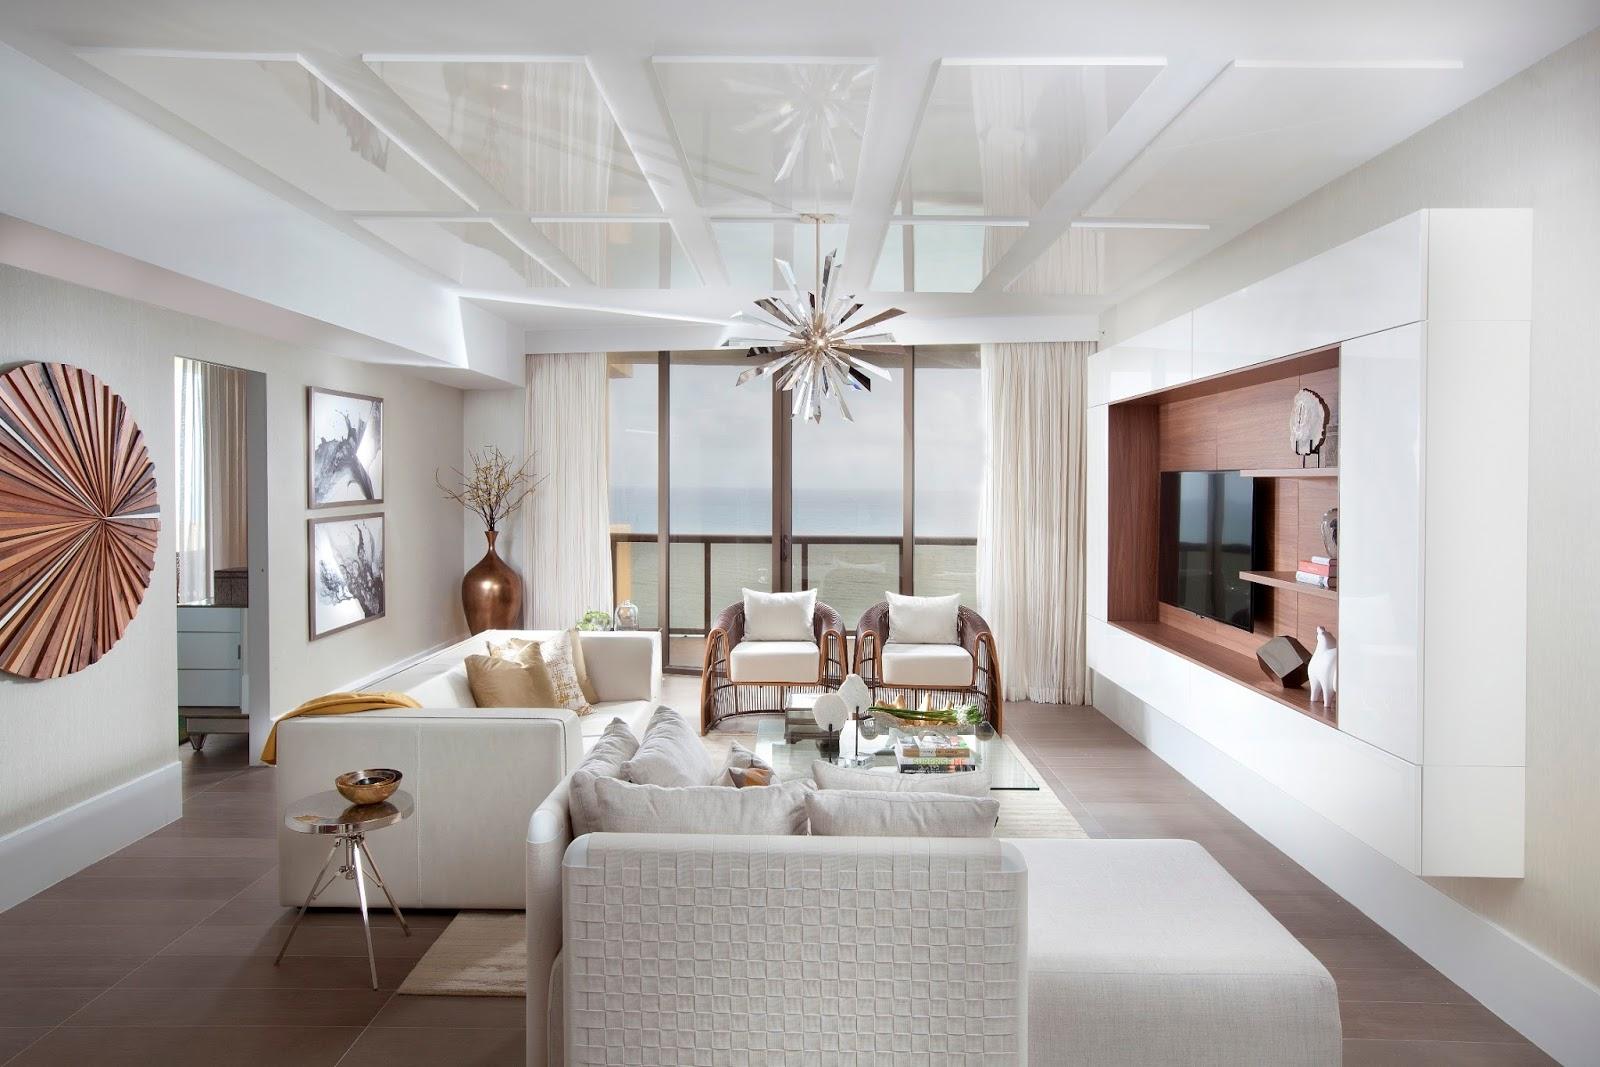 Best Apartment Interior Design best interior ideas to decorate your luxury apartment